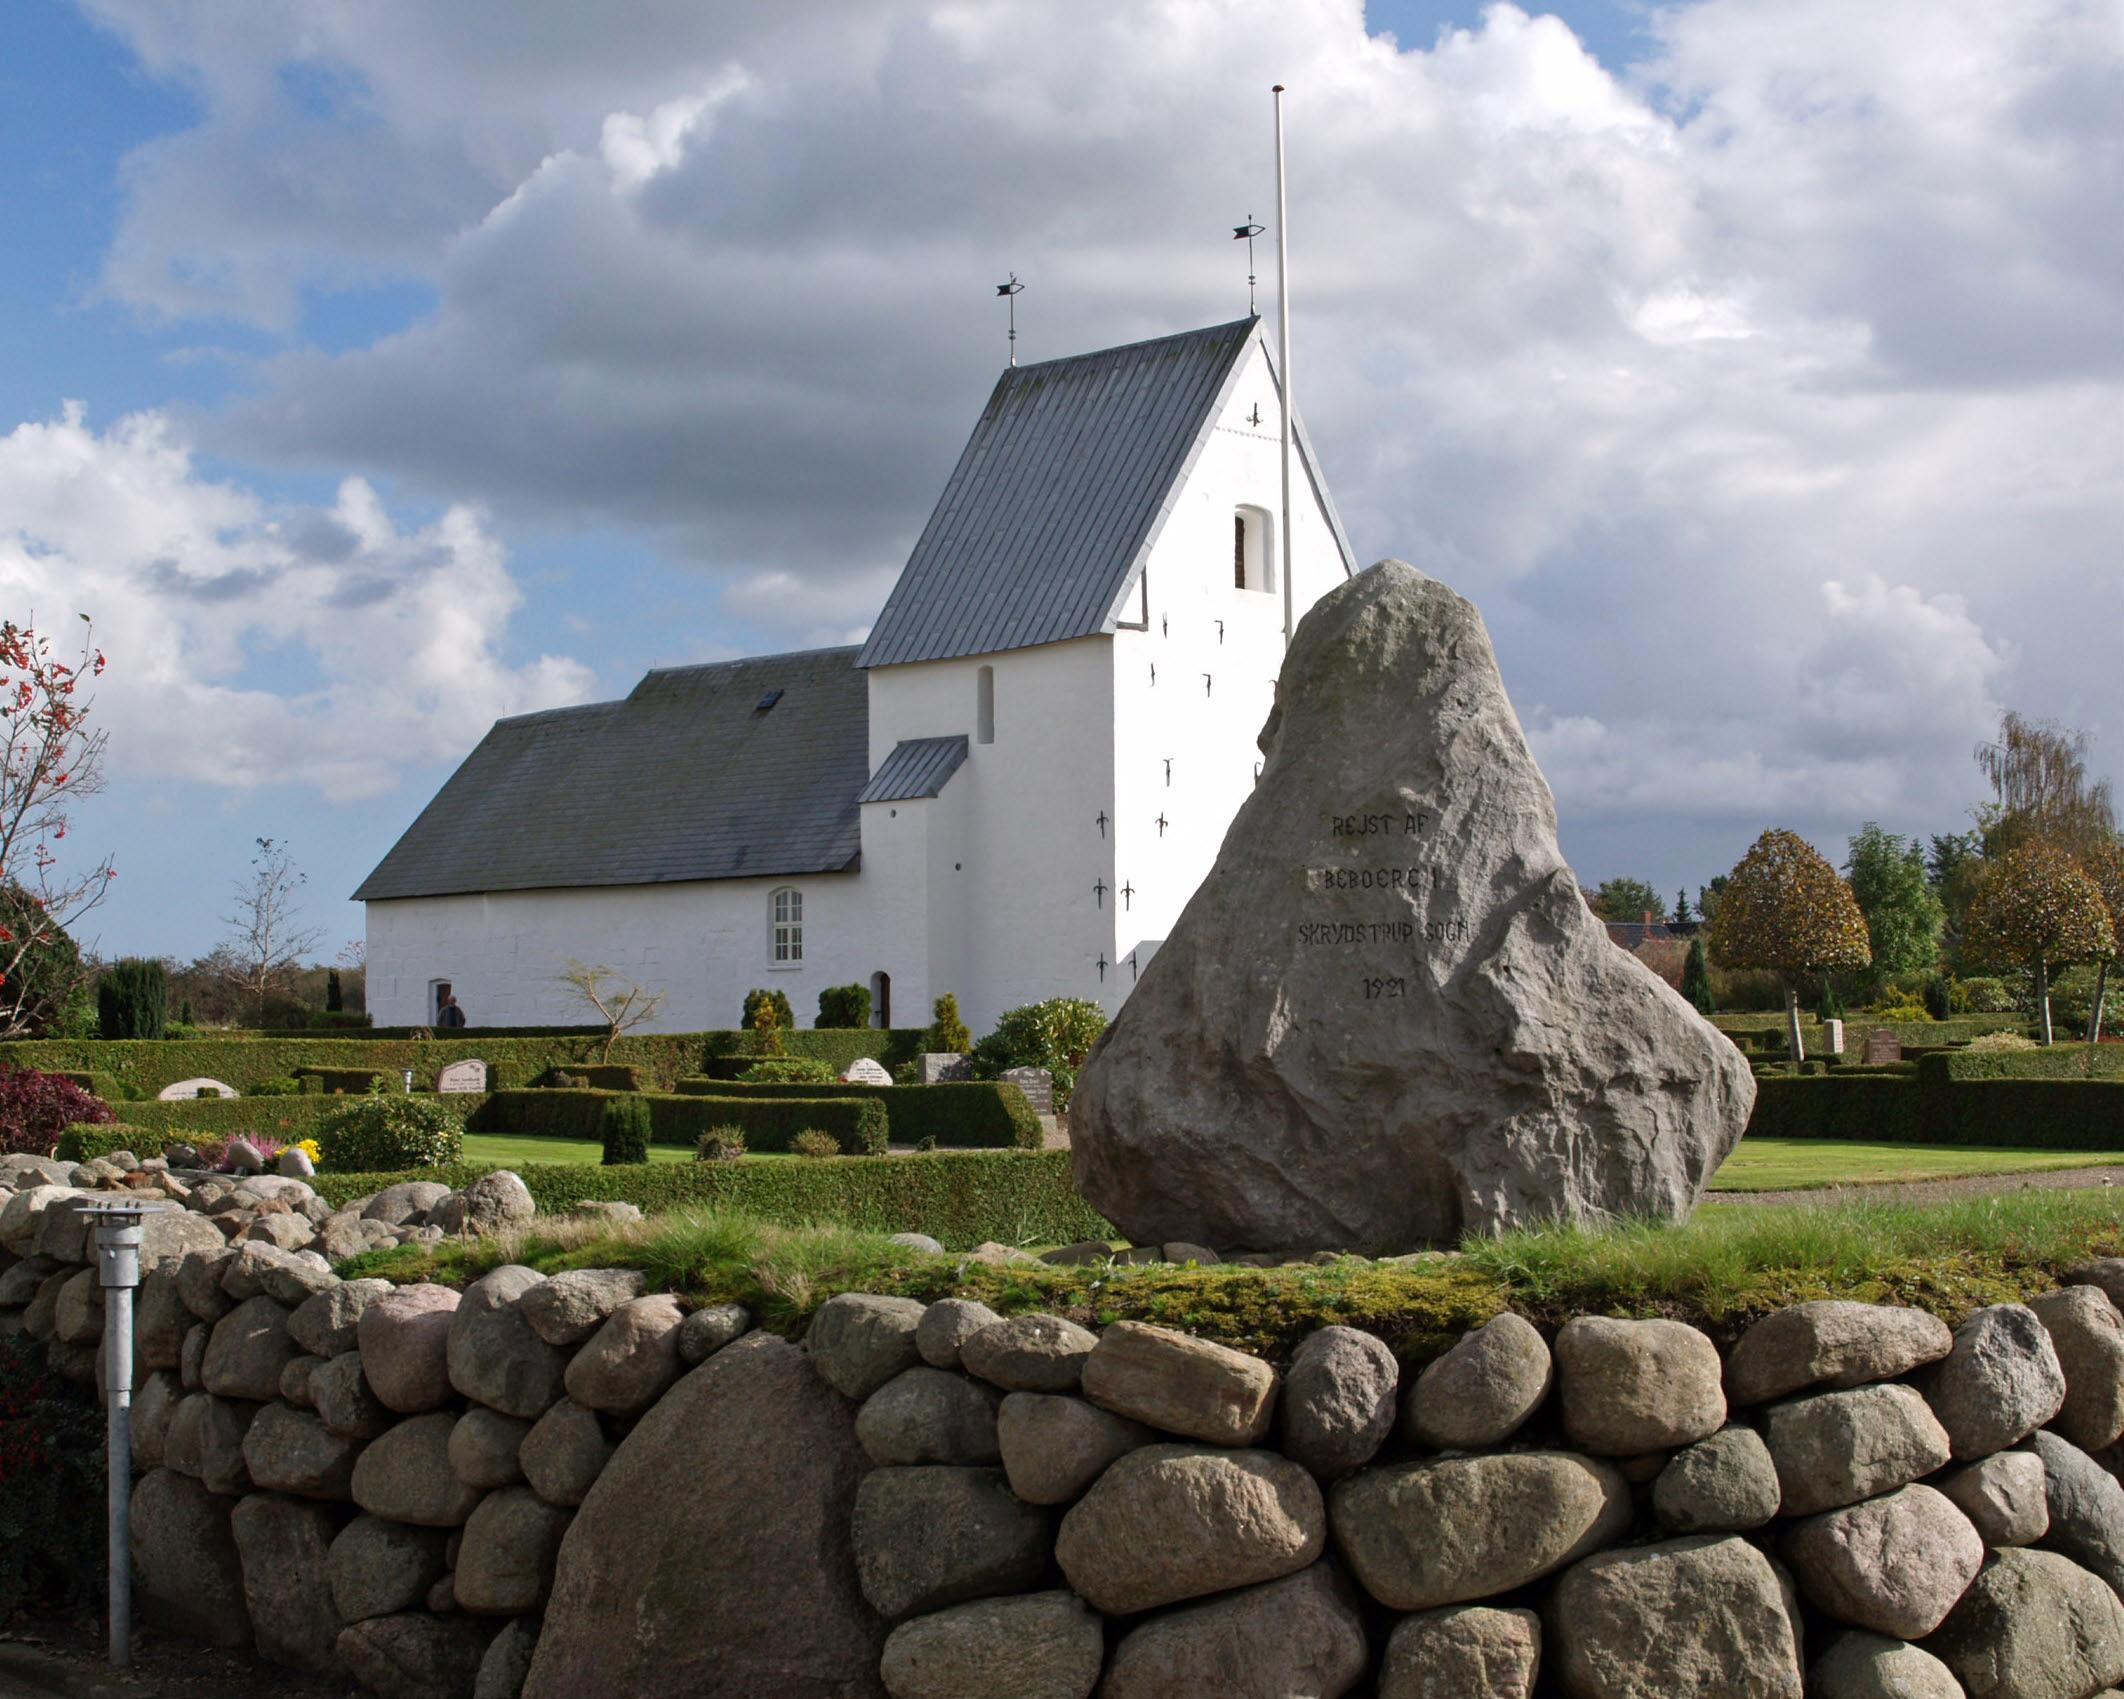 Mindesten, Skrydstrup Kirkegård